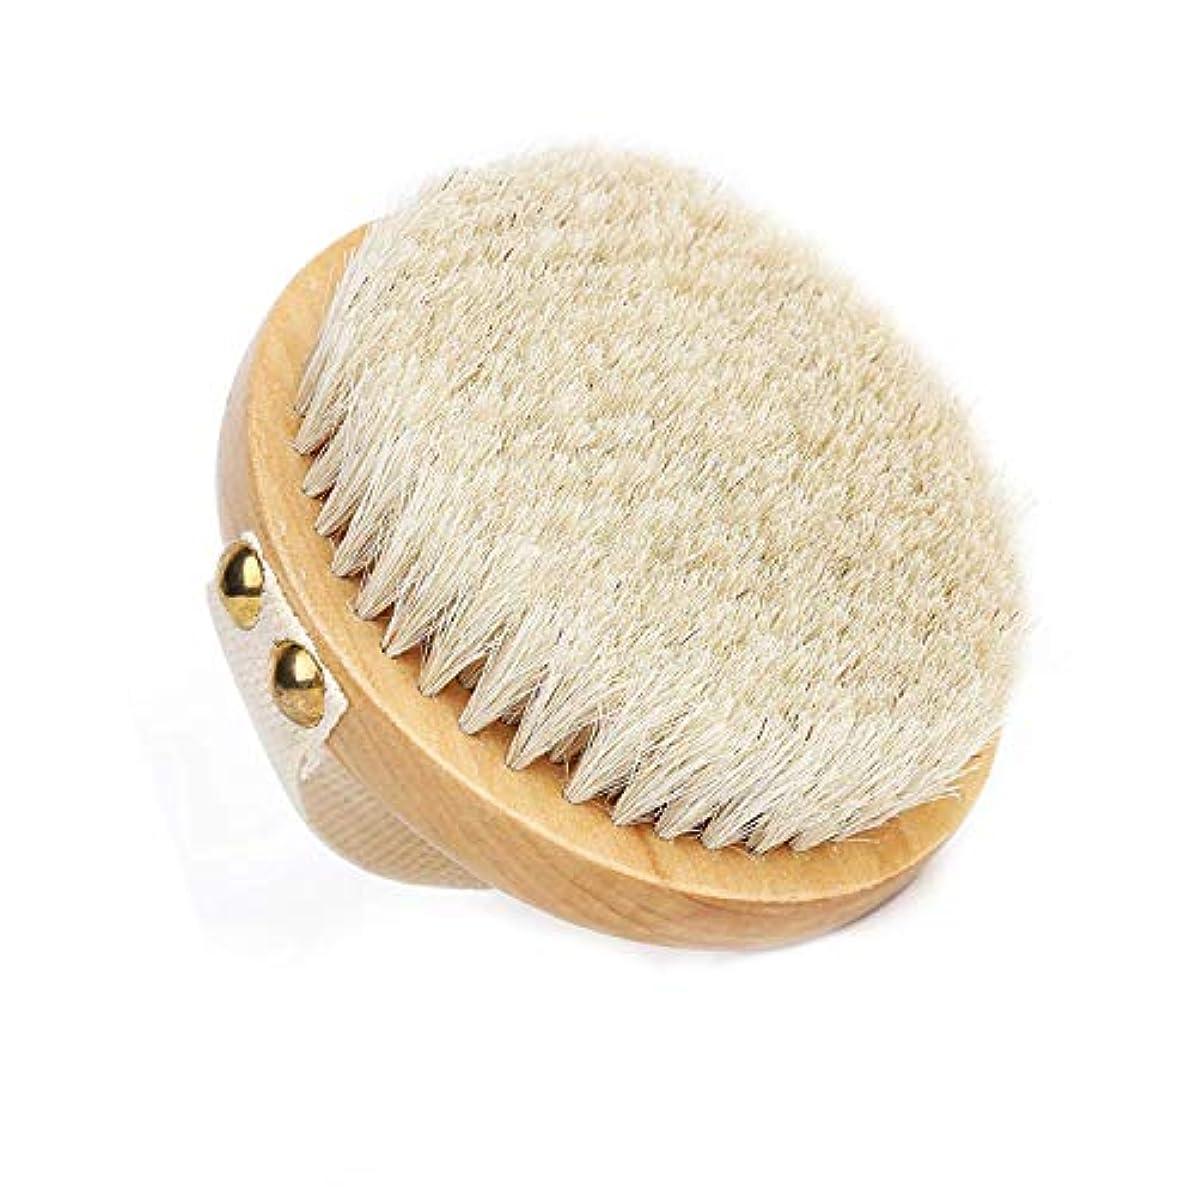 郵便物人に関する限り最後のSuyika ボディブラシ 高級な馬毛100% 角質除去 全身マッサージ バス用品 お風呂用 体洗い用品 美肌 柔らかい 天然素材(丸型)